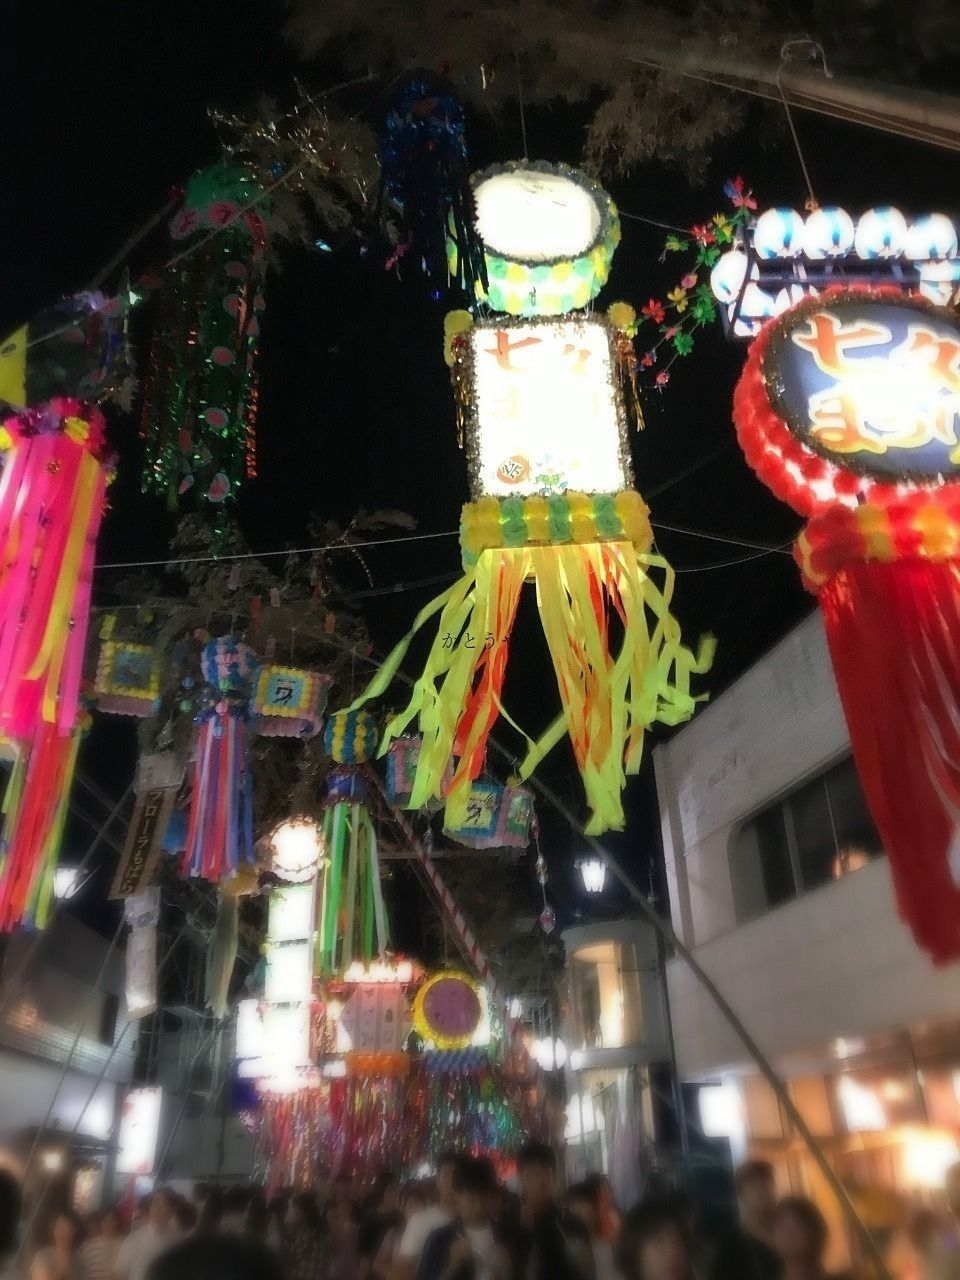 とっても熱気のあるお祭り茂原七夕祭りです。